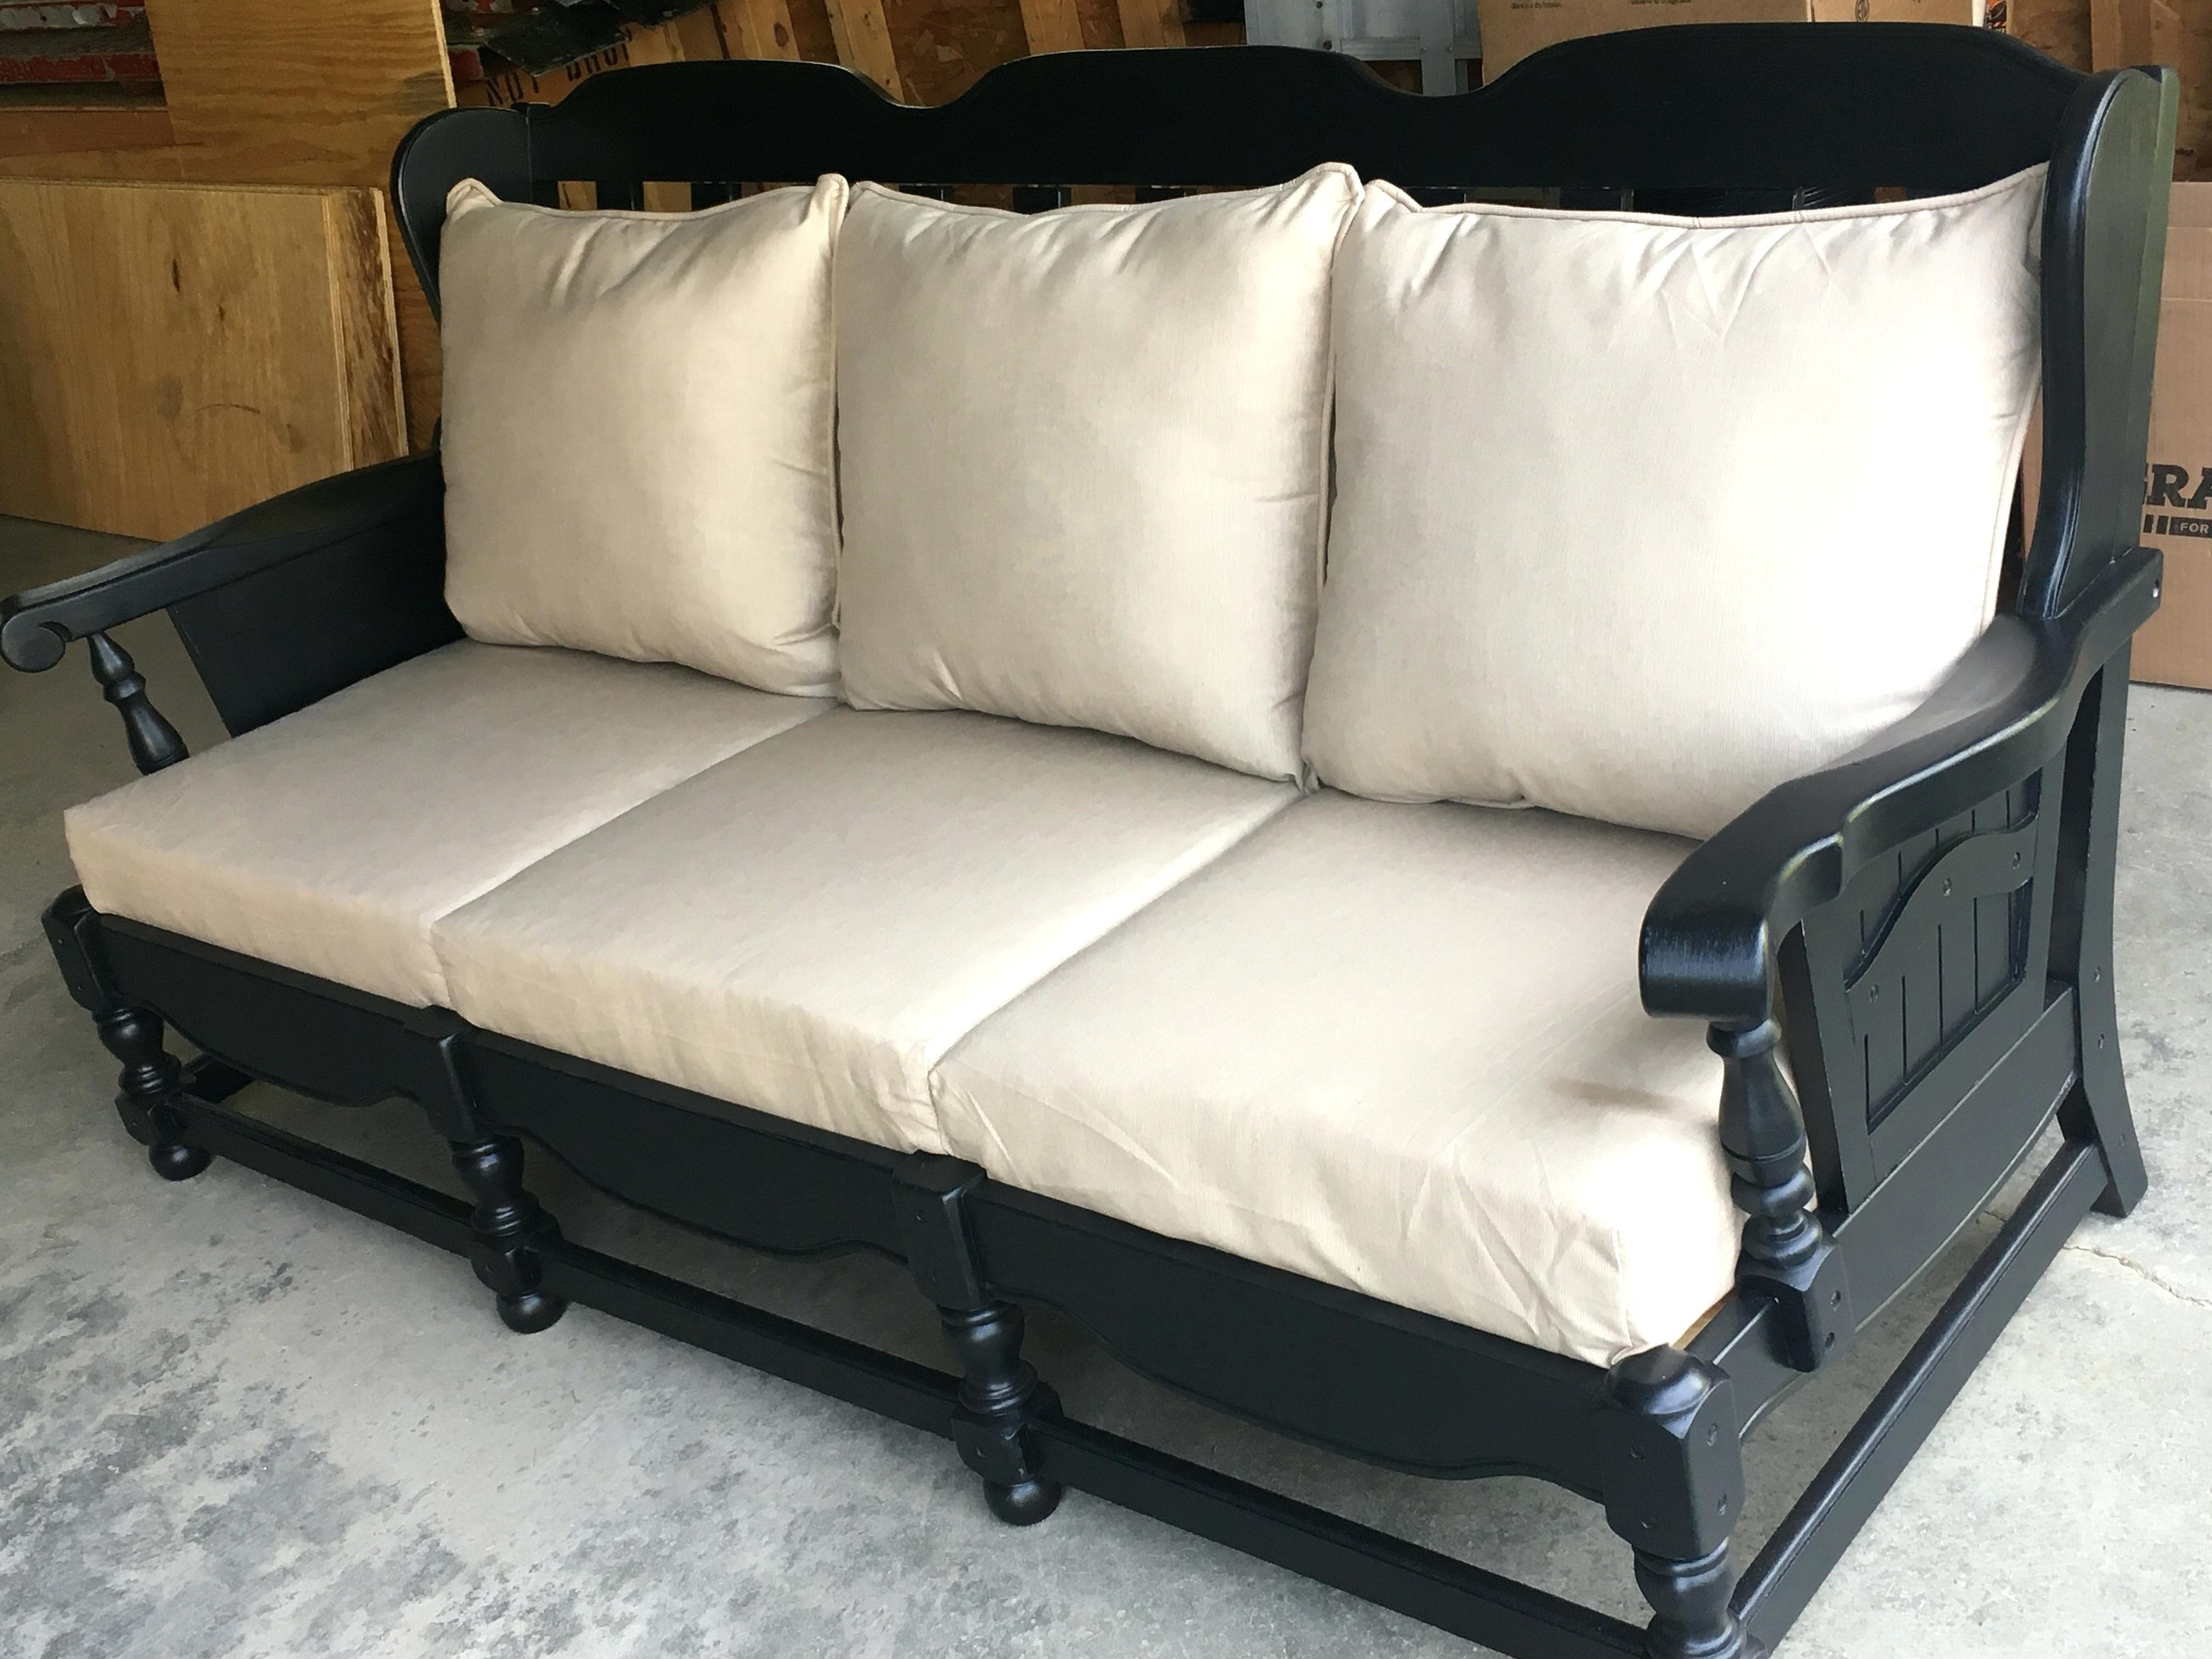 25 Neue Beste Dichte Schaum Fur Die Sofa Couch Makeover Wooden Couch Furniture Makeover